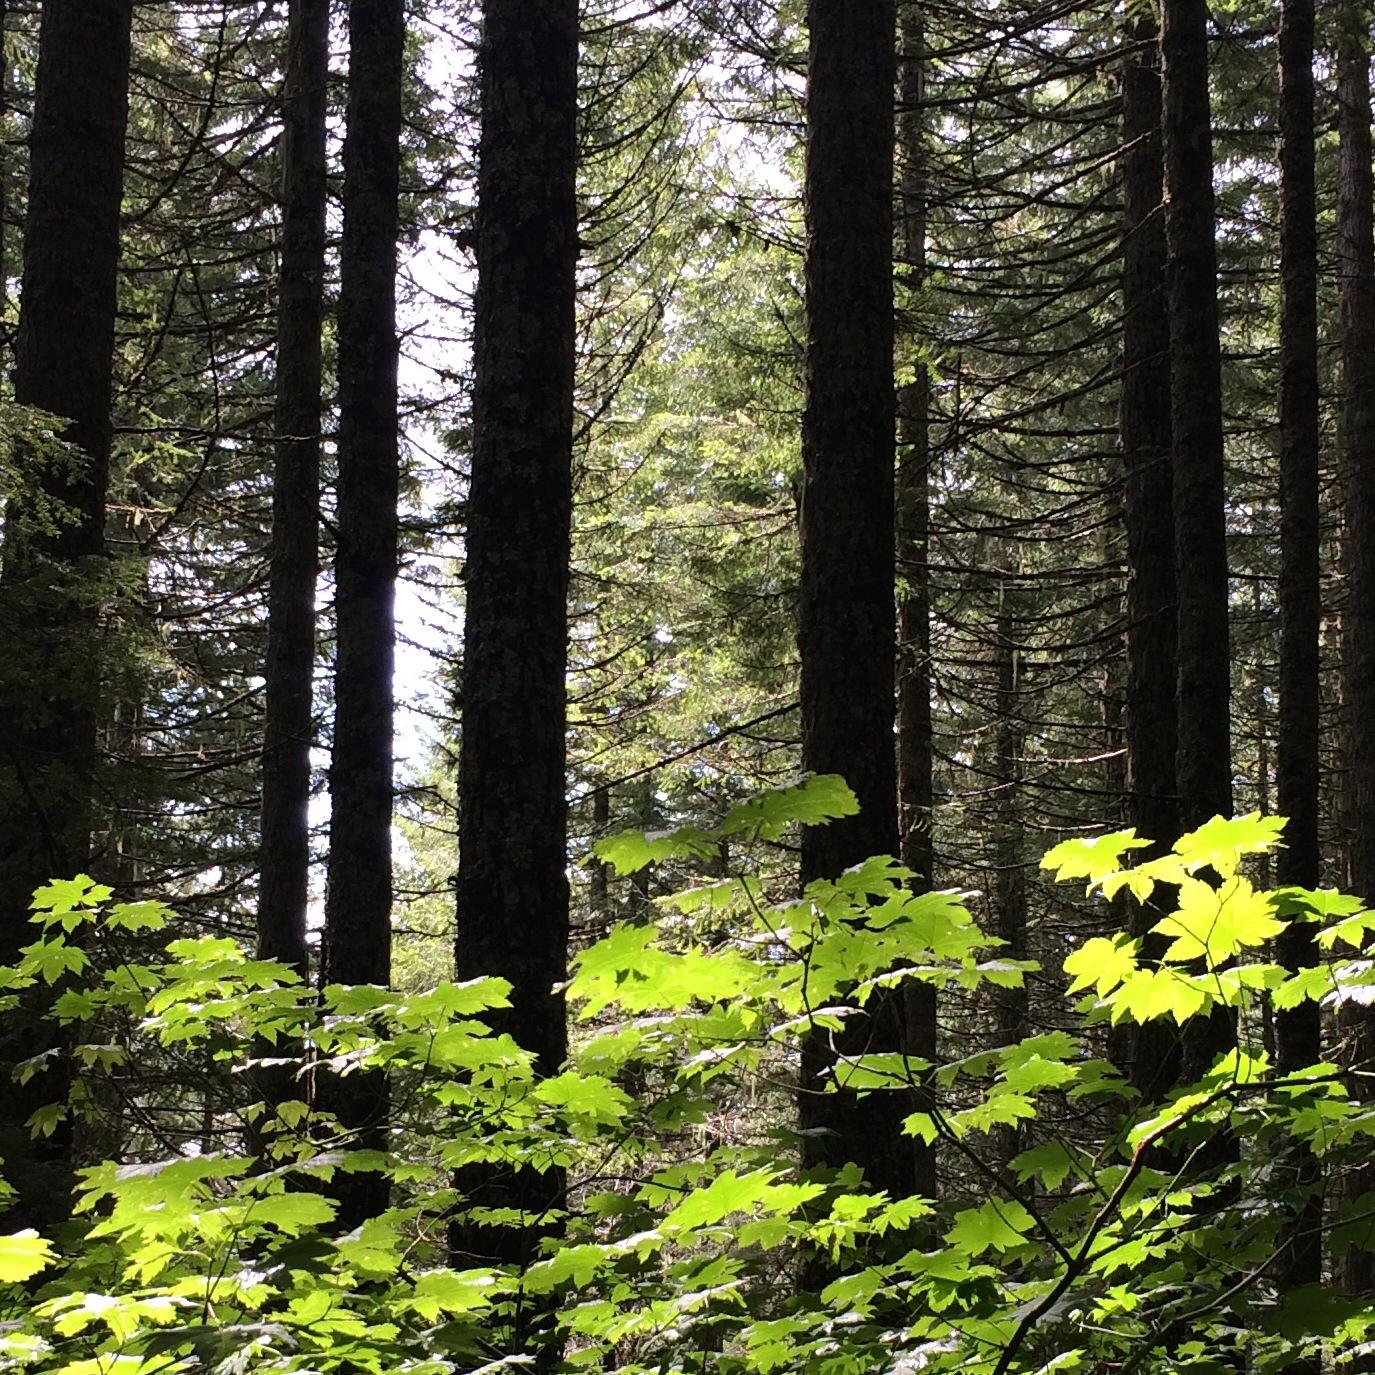 trees_leaves